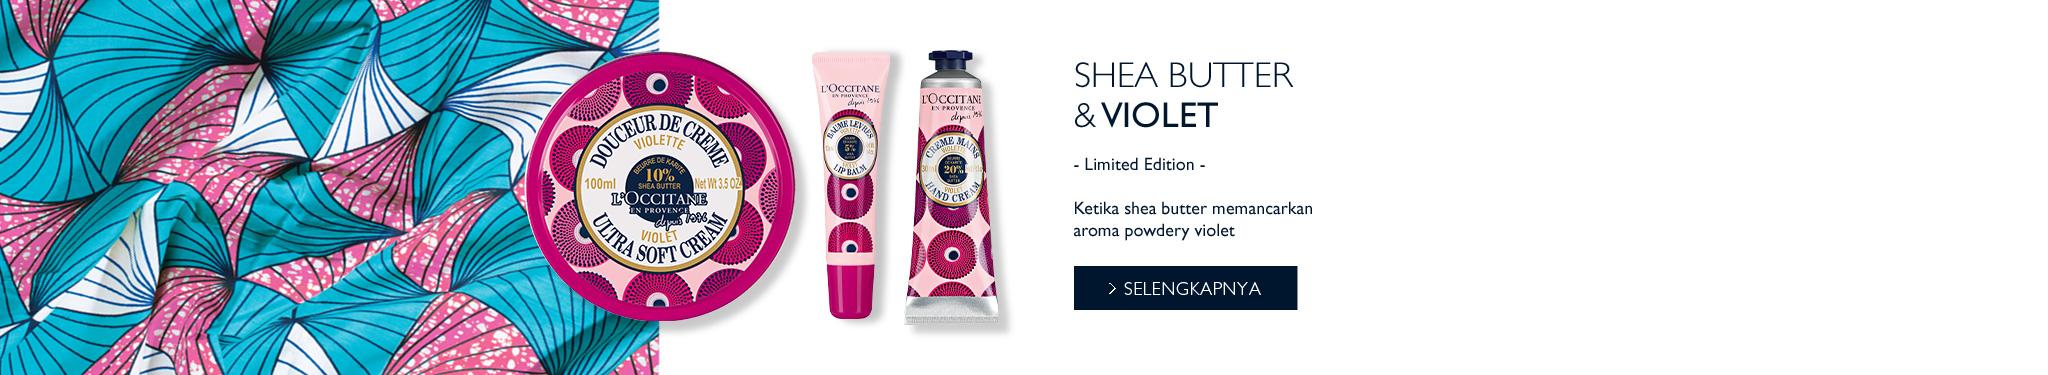 Shea Butter Violet